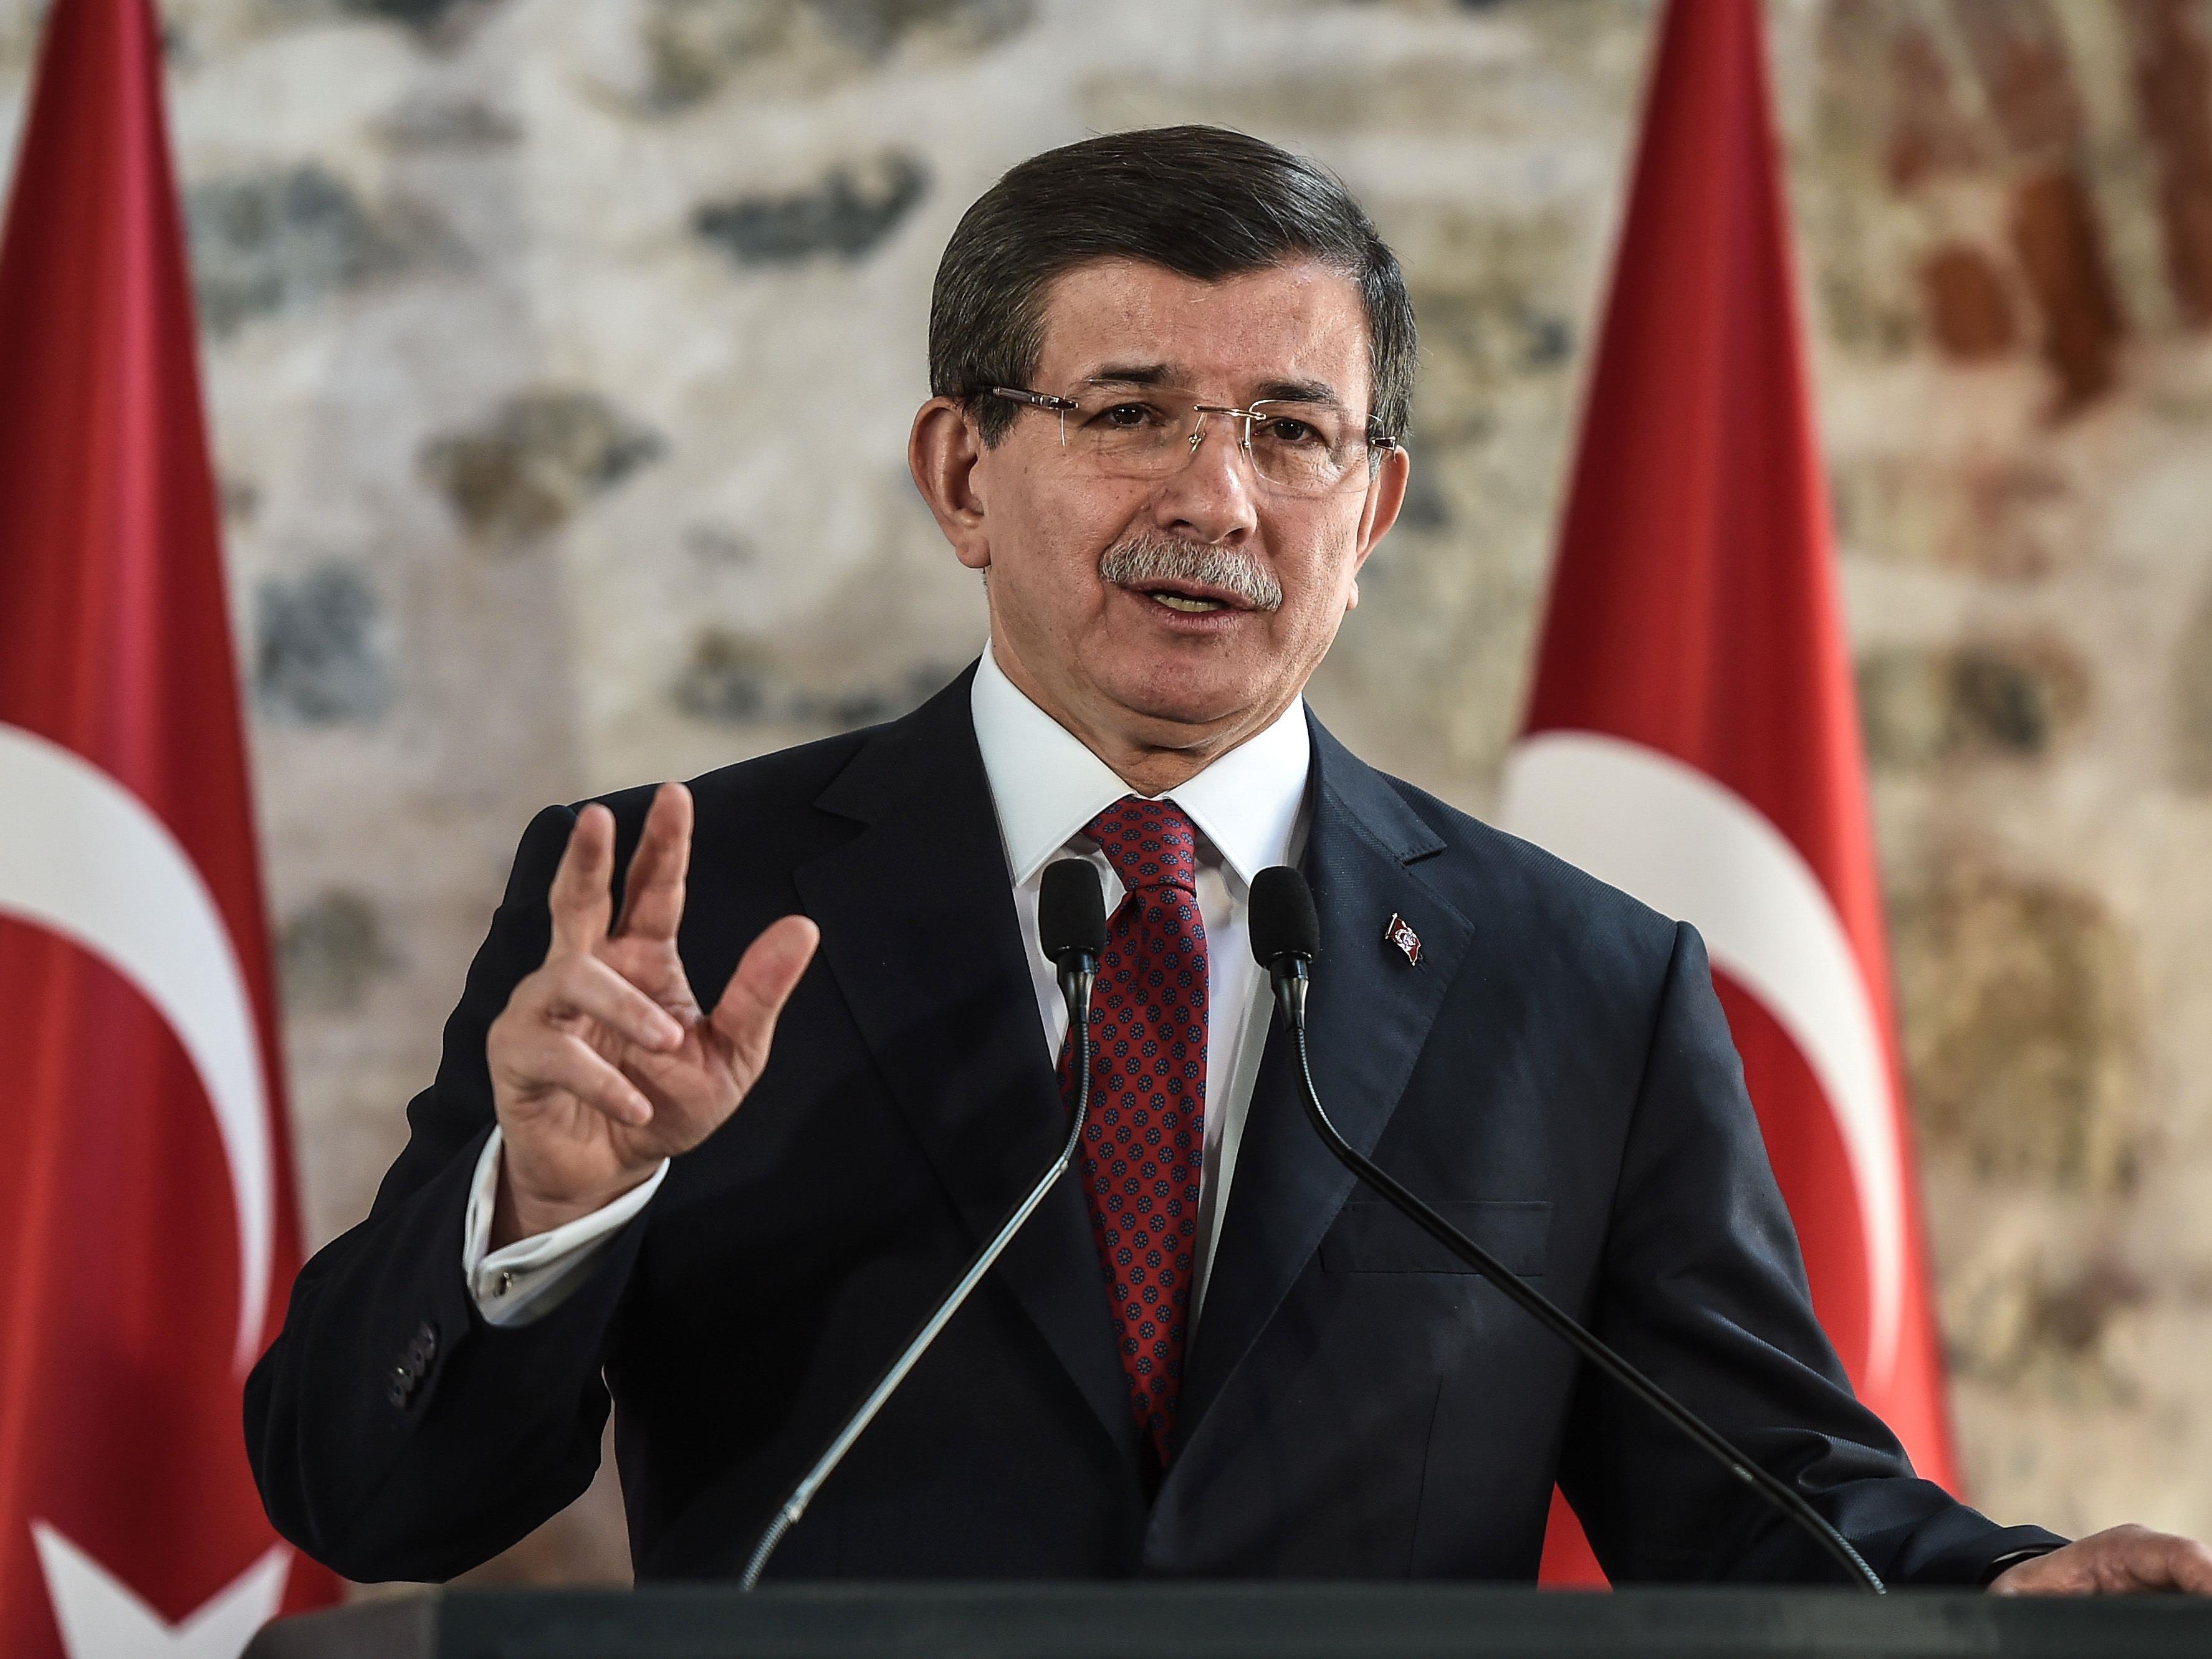 Die Türkei will die syrische Kurdenpartei PYD nicht am Tisch haben.